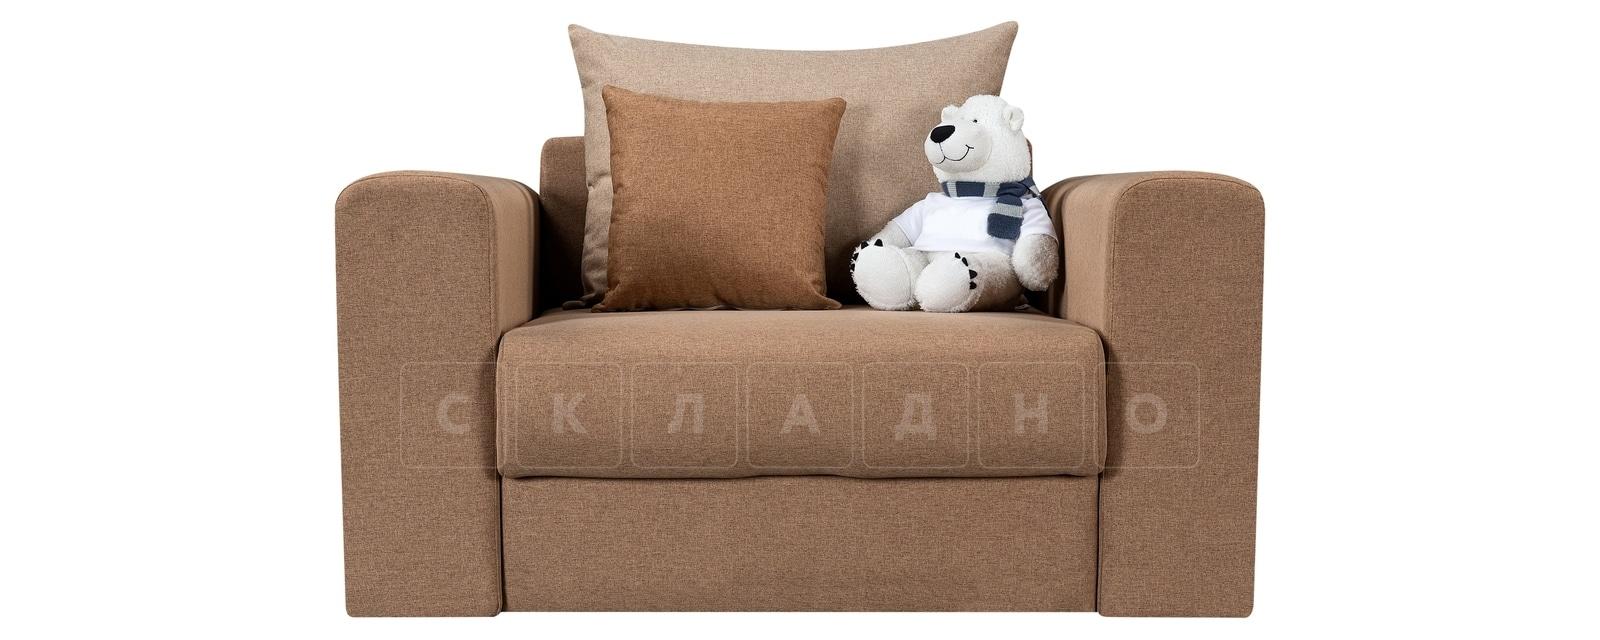 Кресло Медисон 80см коричневого цвета фото 2 | интернет-магазин Складно